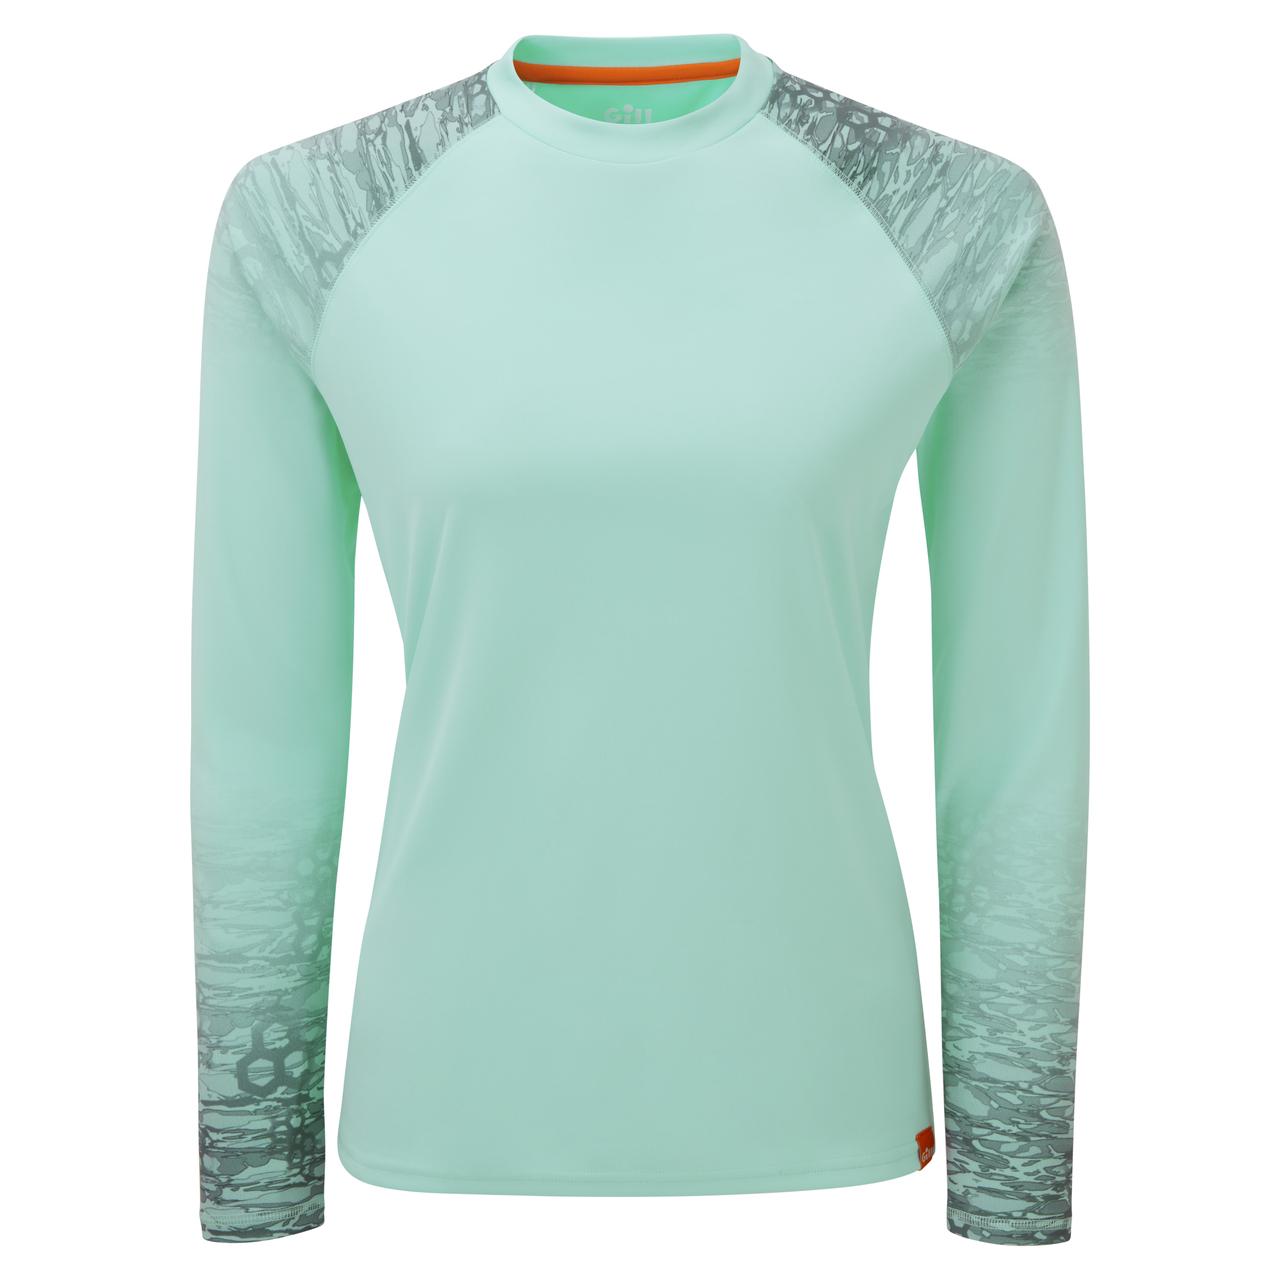 Women's UV Tec Tee - Long Sleeve - UV011W-MOR01-1.jpg